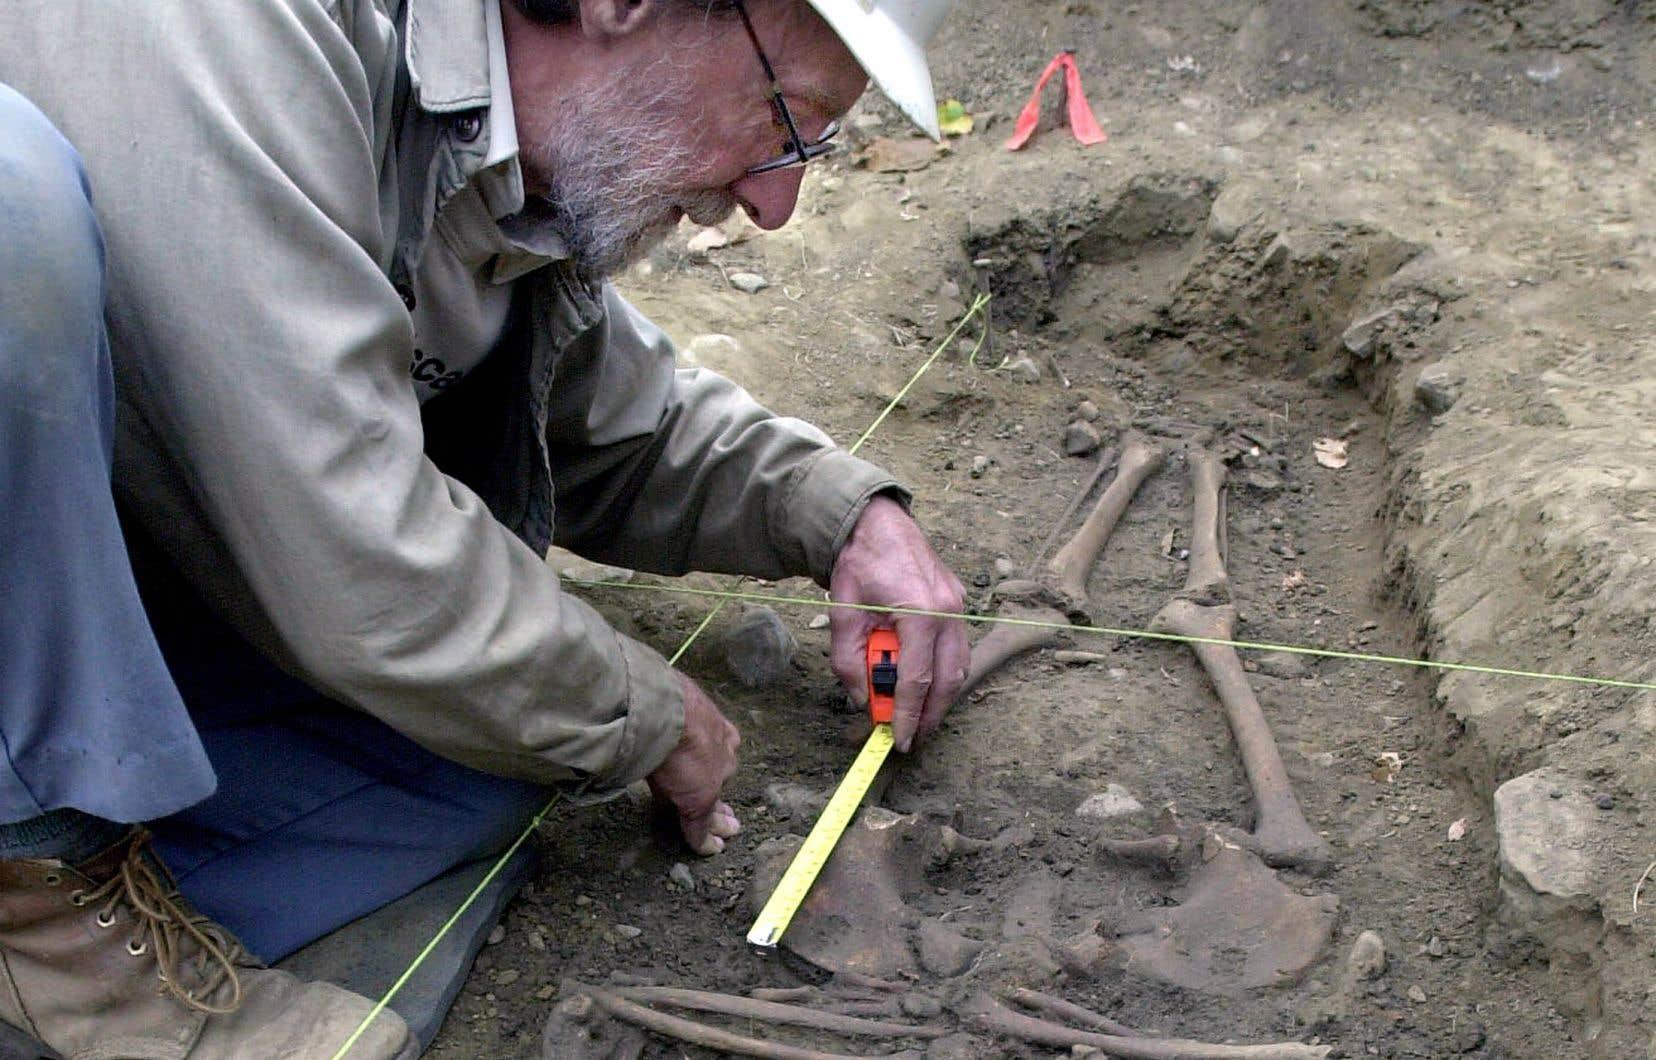 «Une majorité d'archéologues gagnent moins de 25000$ par année et leurs revenus ne suivent pas l'indexation du coût de la vie [...] les avantages sociaux sont inexistants [...] la formation et l'expérience sont insuffisamment reconnues.»